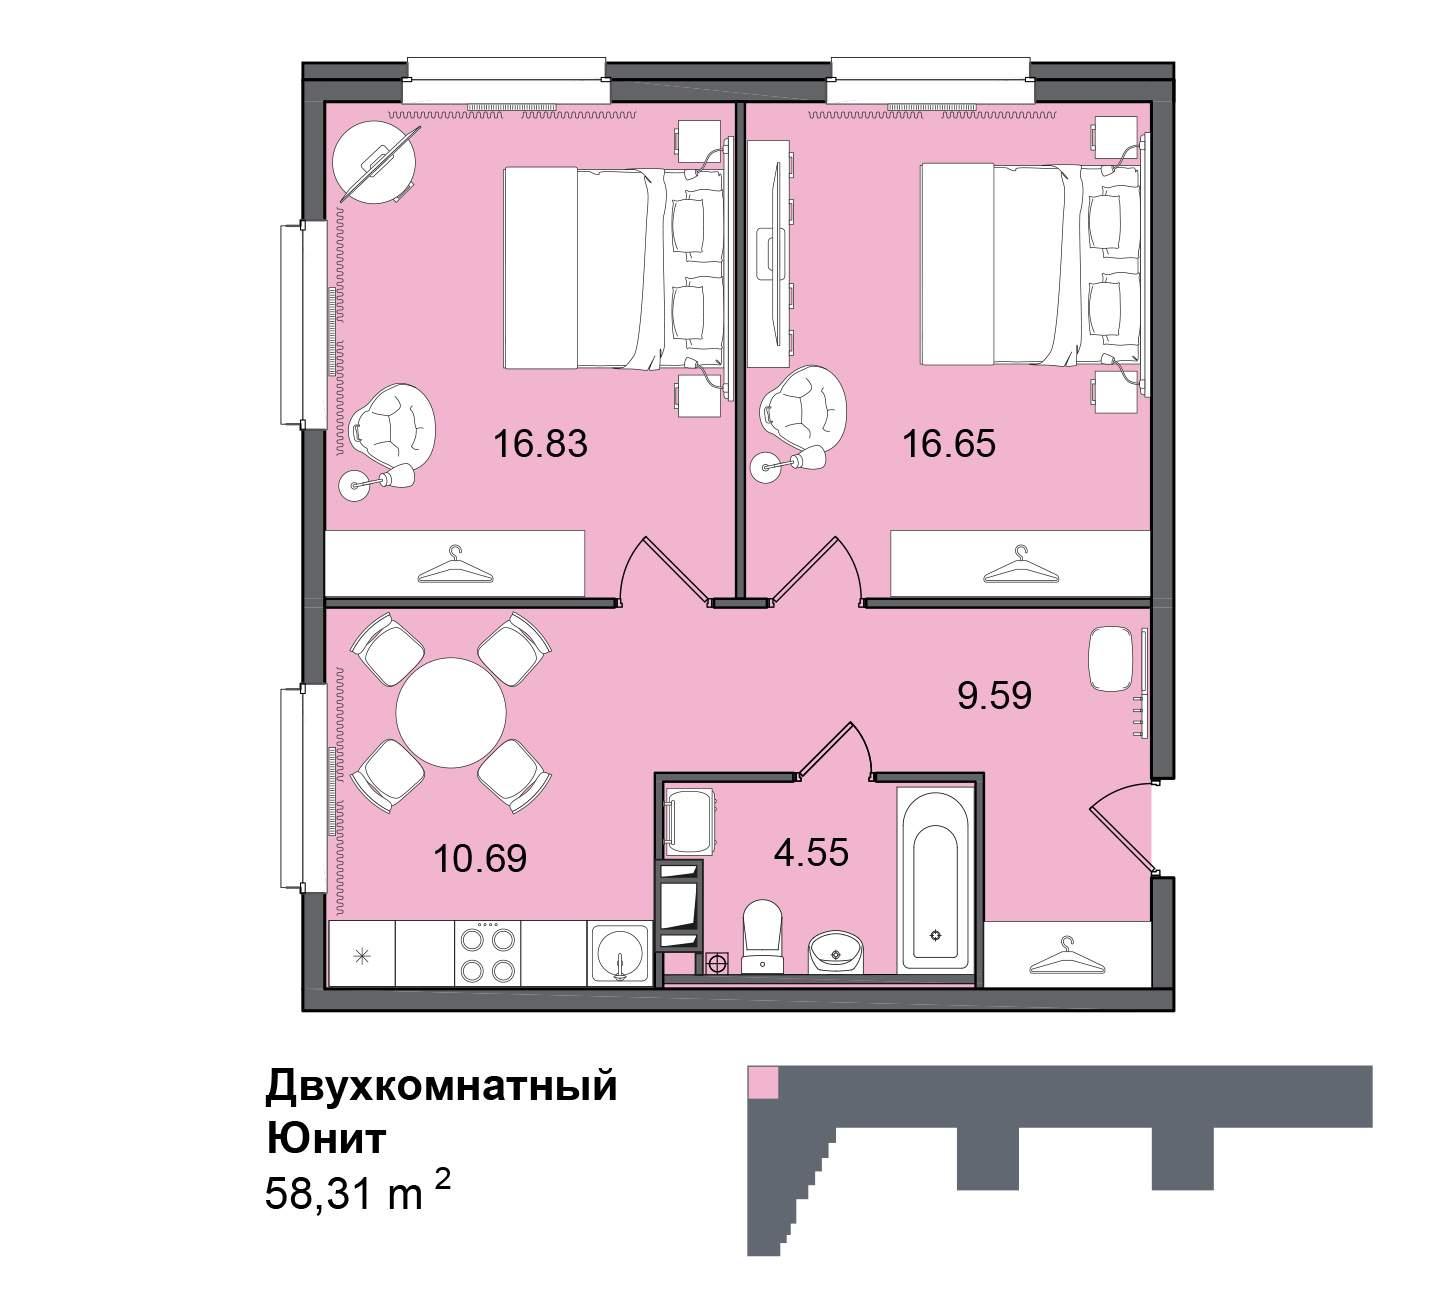 Продажа 2-комнатной новостройки, Санкт-Петербург, Витебский проспект,  д.101к1